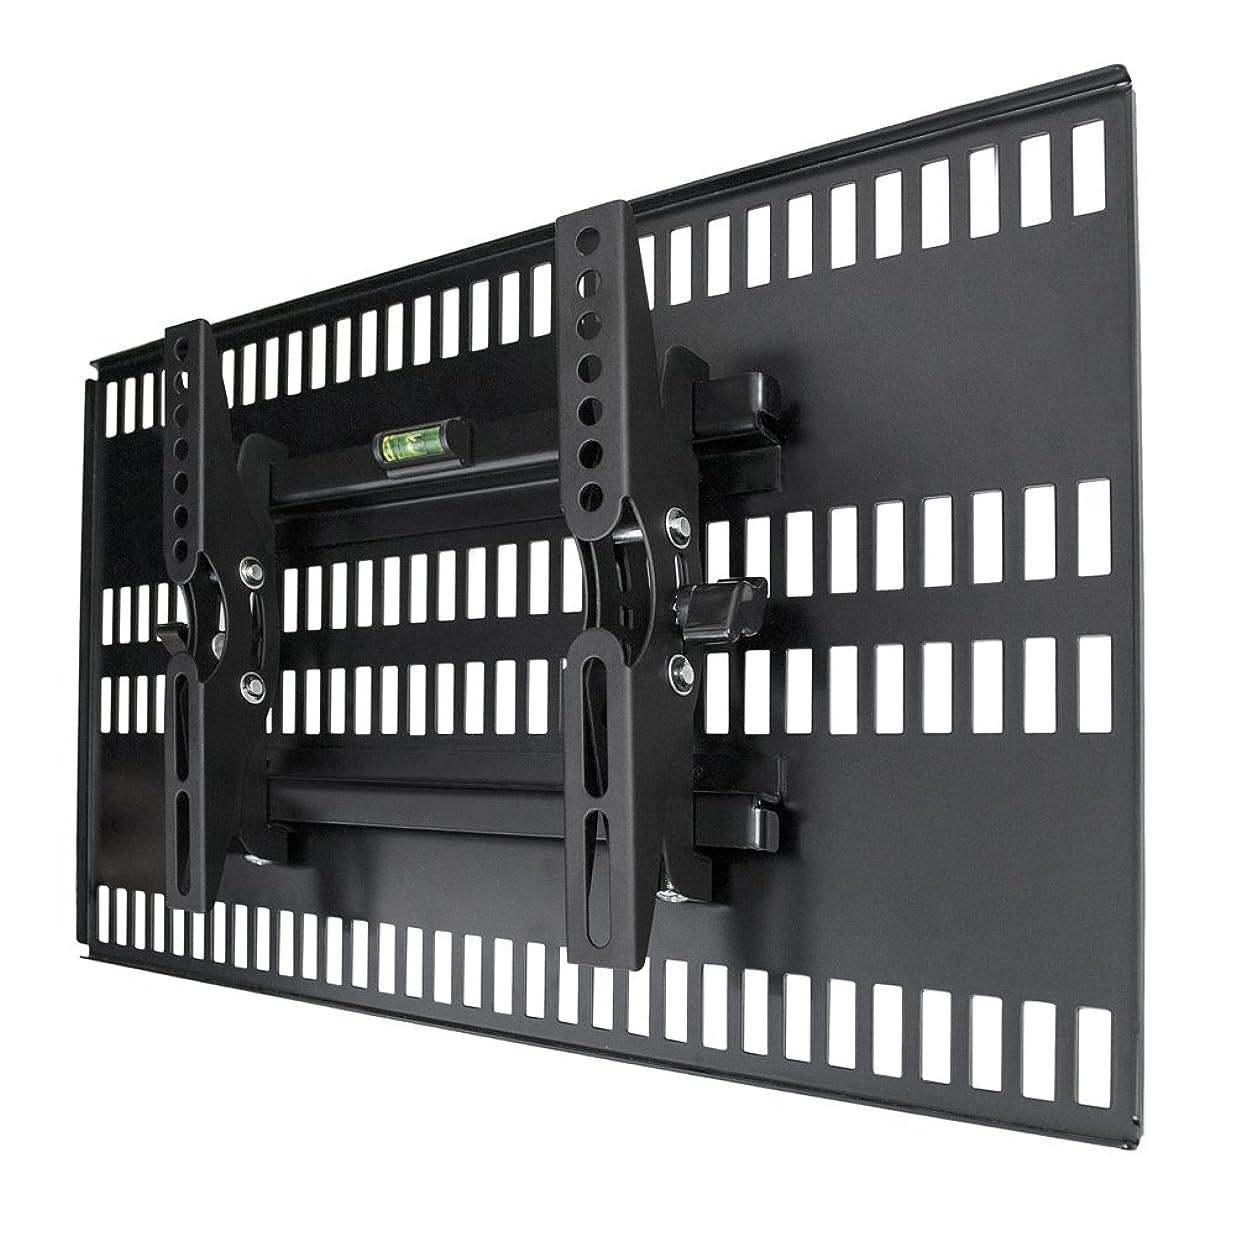 パーセント変換するスラック【グッドデザイン賞受賞】WALL 壁寄せTVスタンド V3 ロータイプ 32~79v対応 サテンホワイト